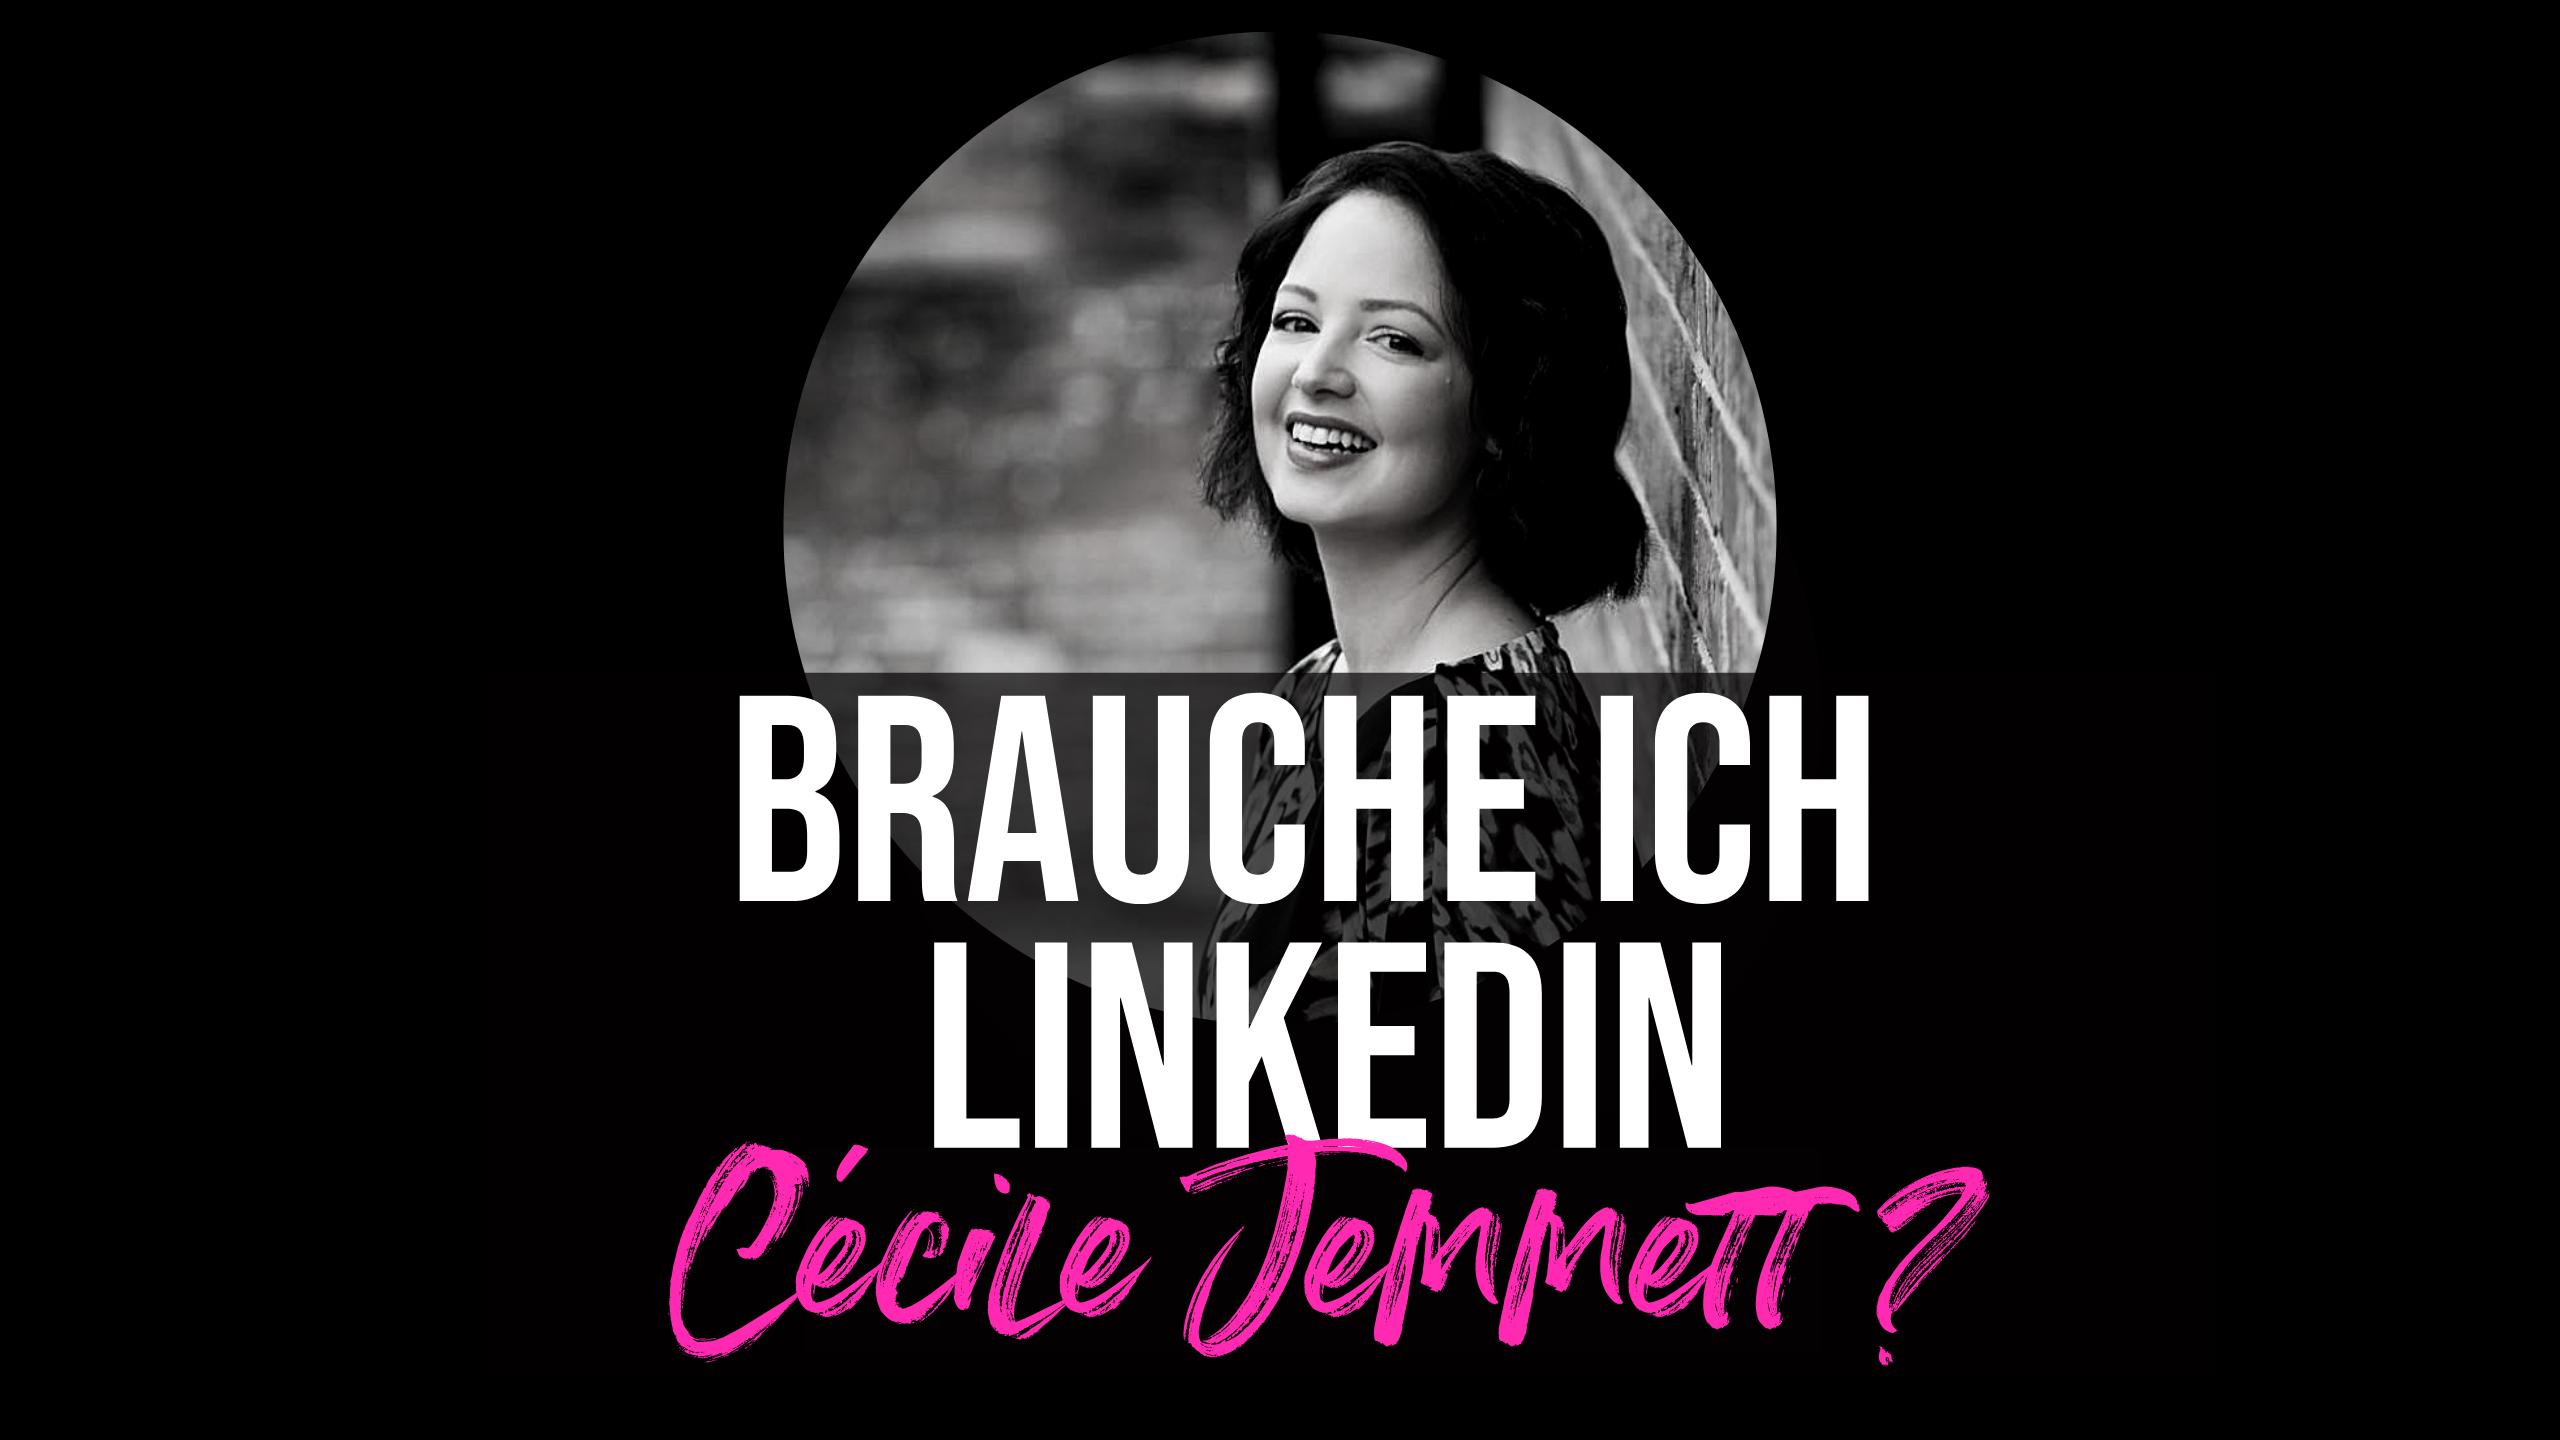 linkedin mit Cecile Jemmett